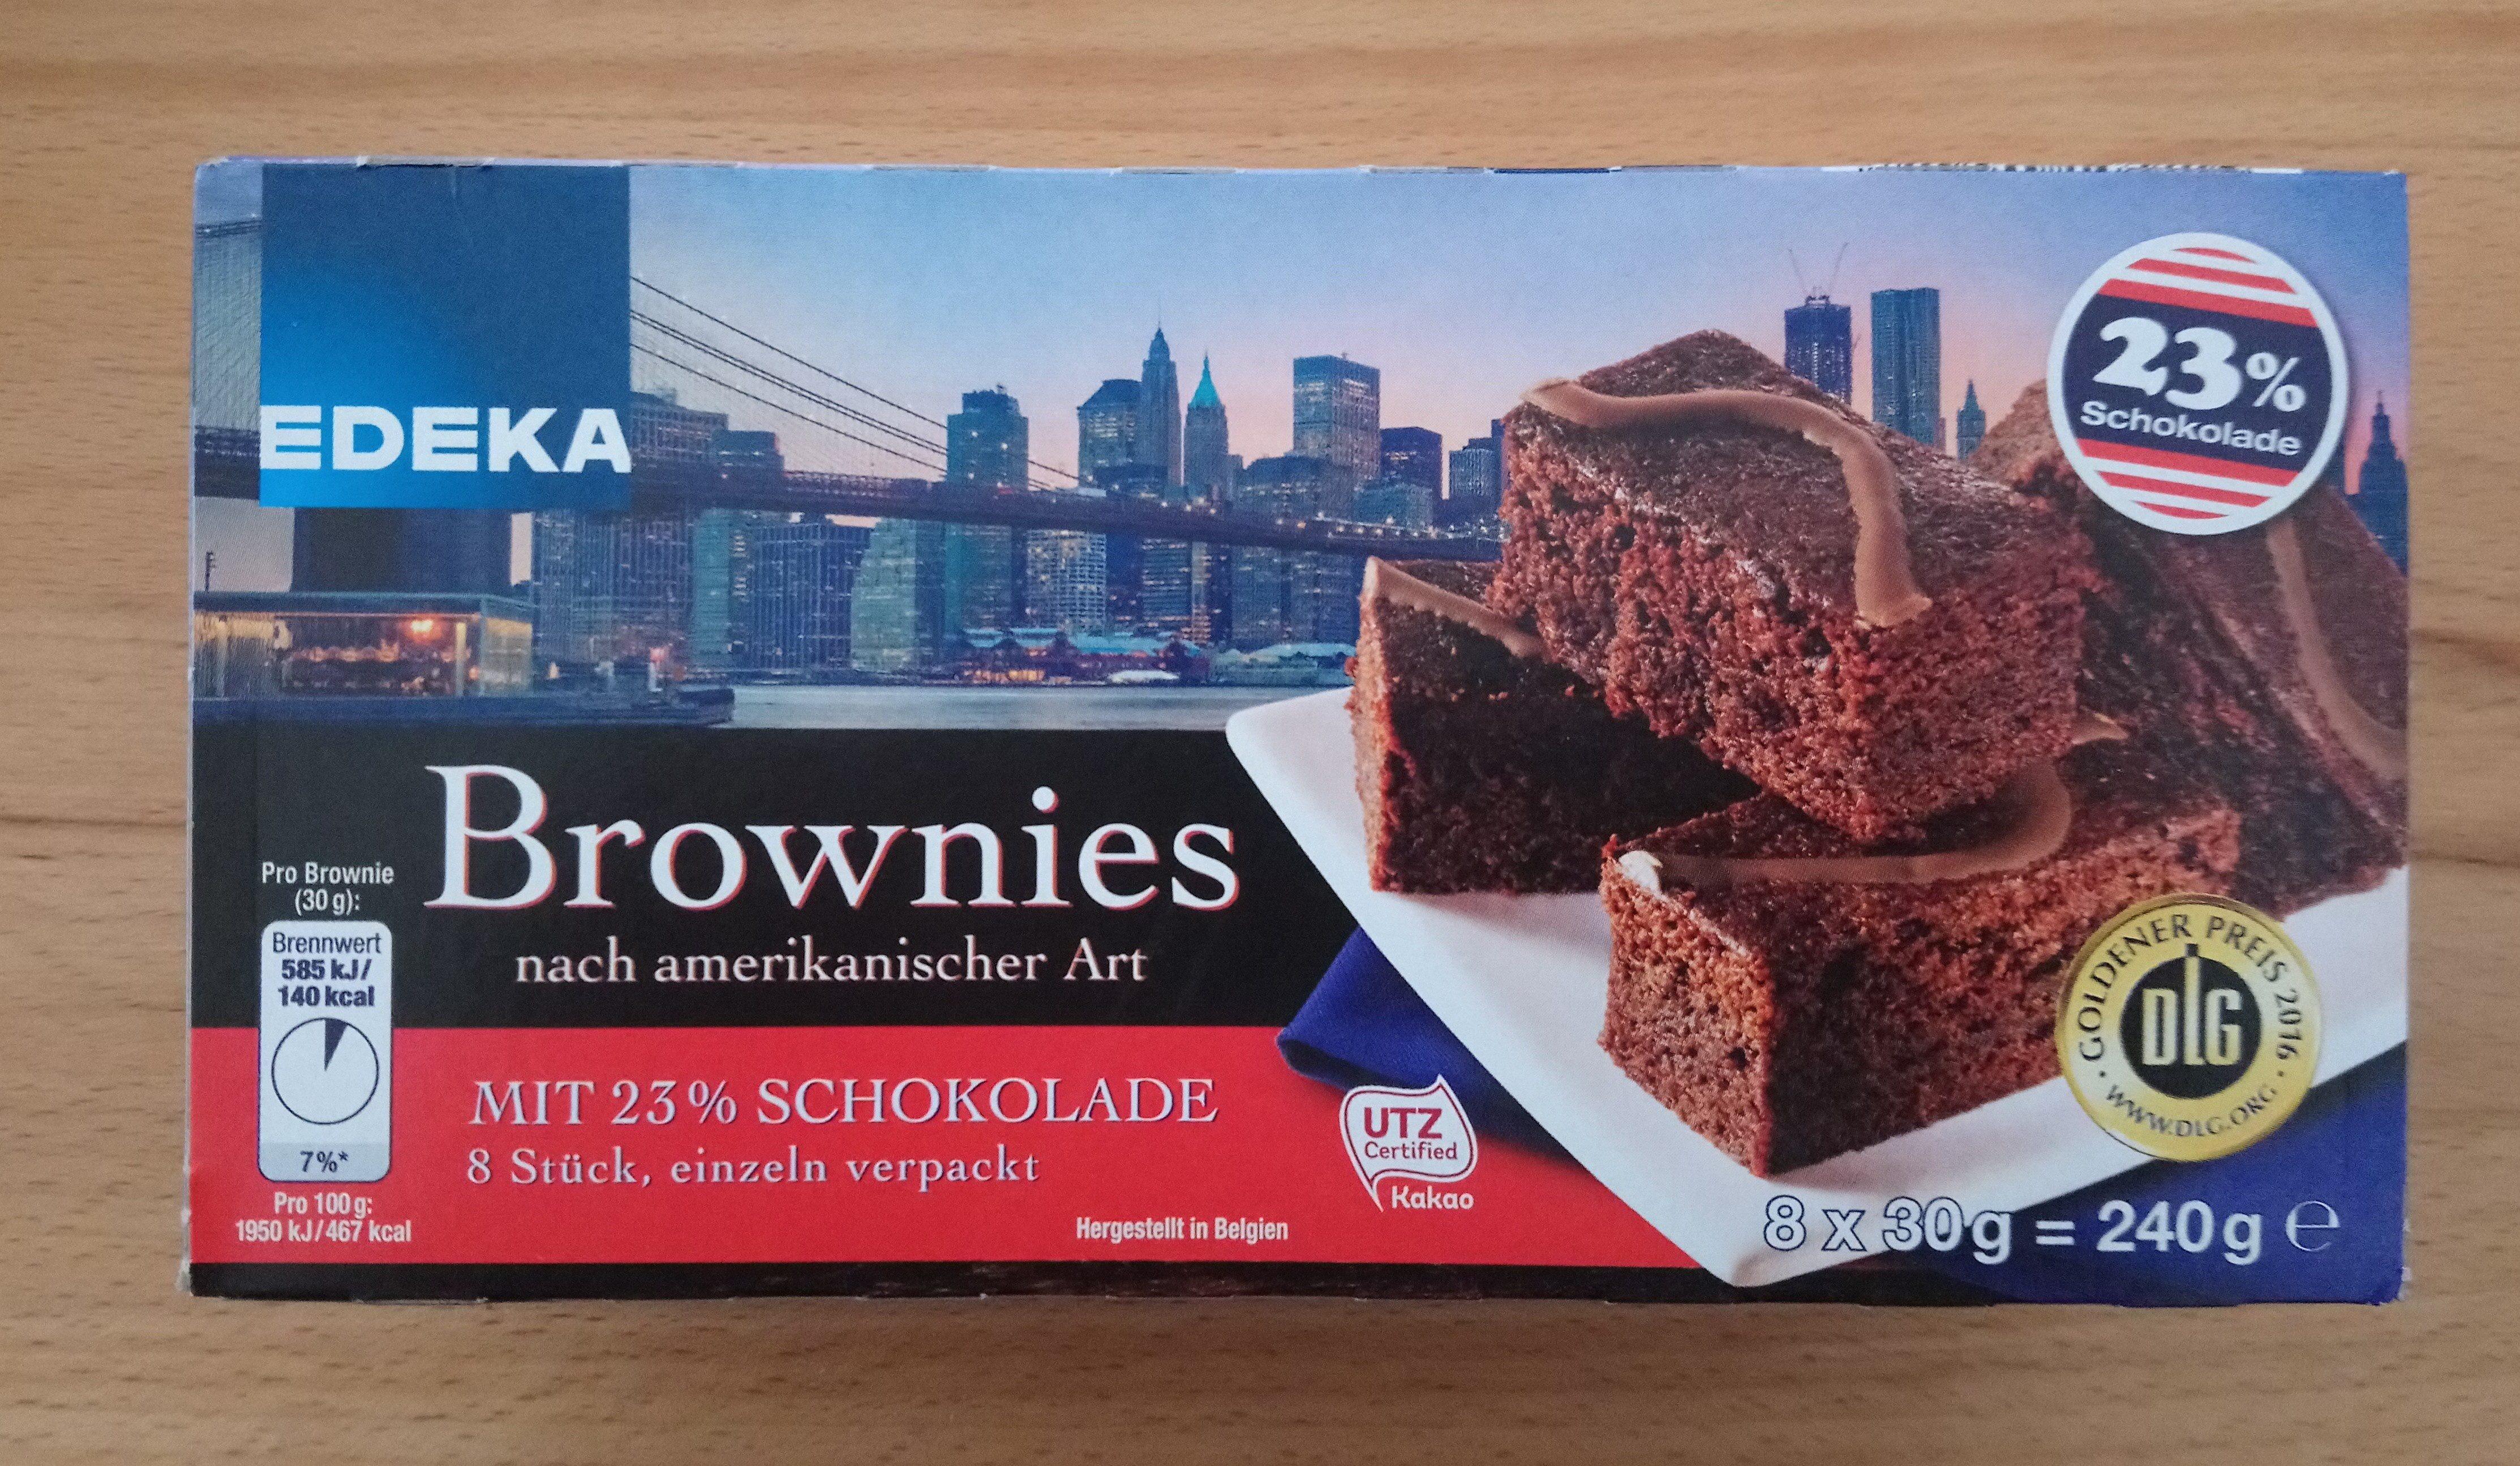 Brownies Nach Amerikanischer Art Edeka 240g